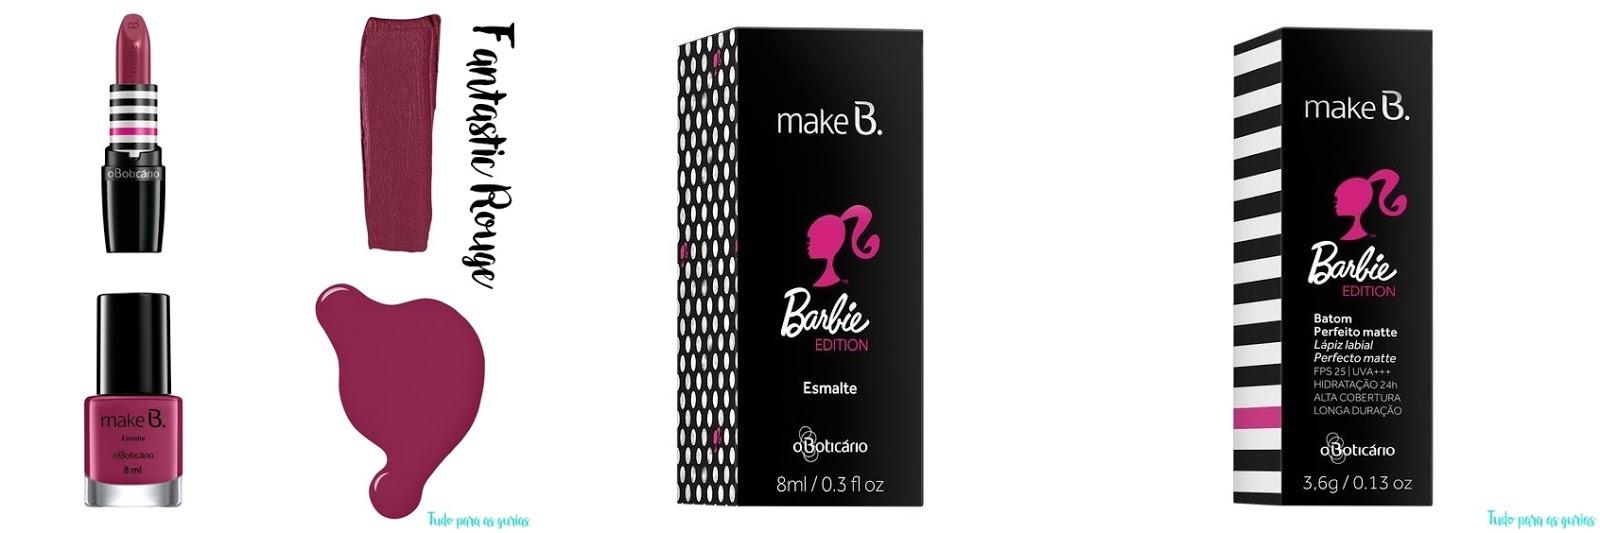 batom vinho e esmalte vinho embalagens da coleção da barbie por MakeB